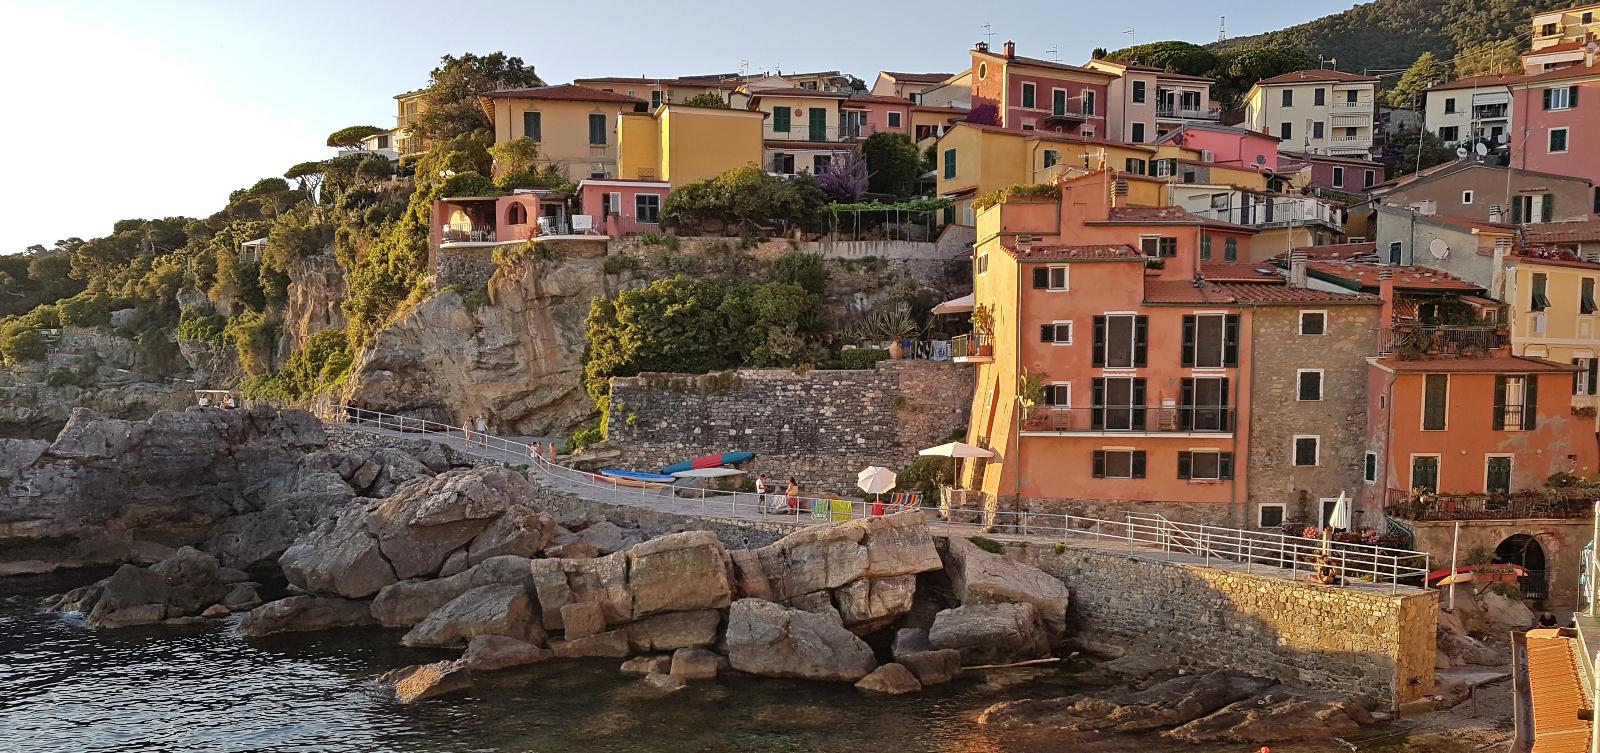 Hidden gems near Cinque Terre: Lerici and Tellaro